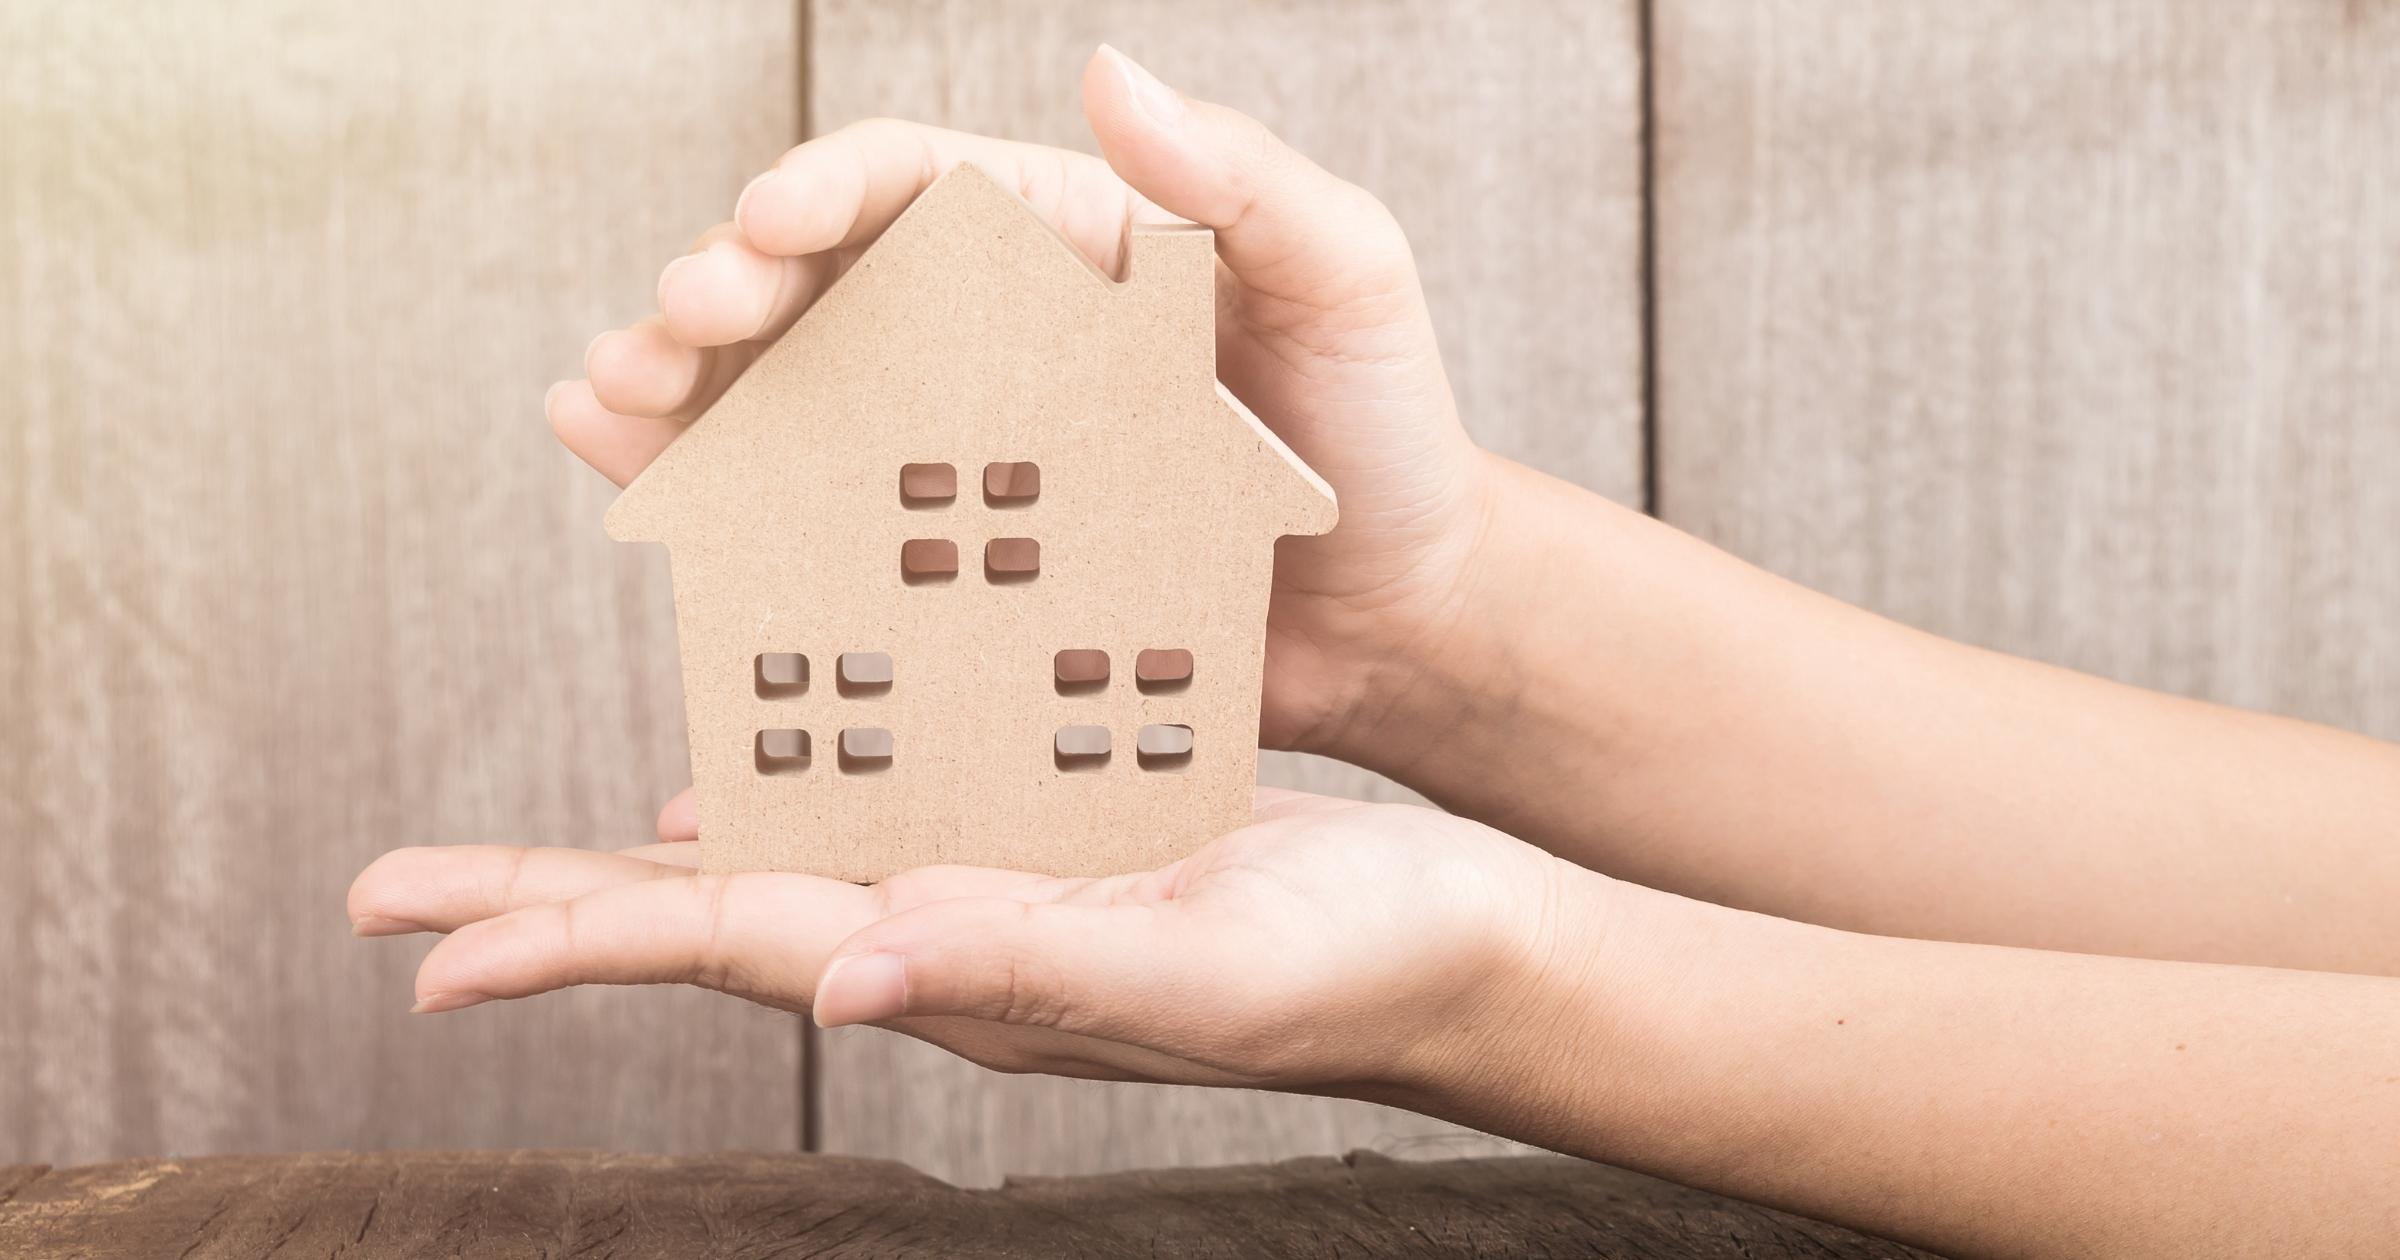 Seguro Multirrisco Habitação: como escolher